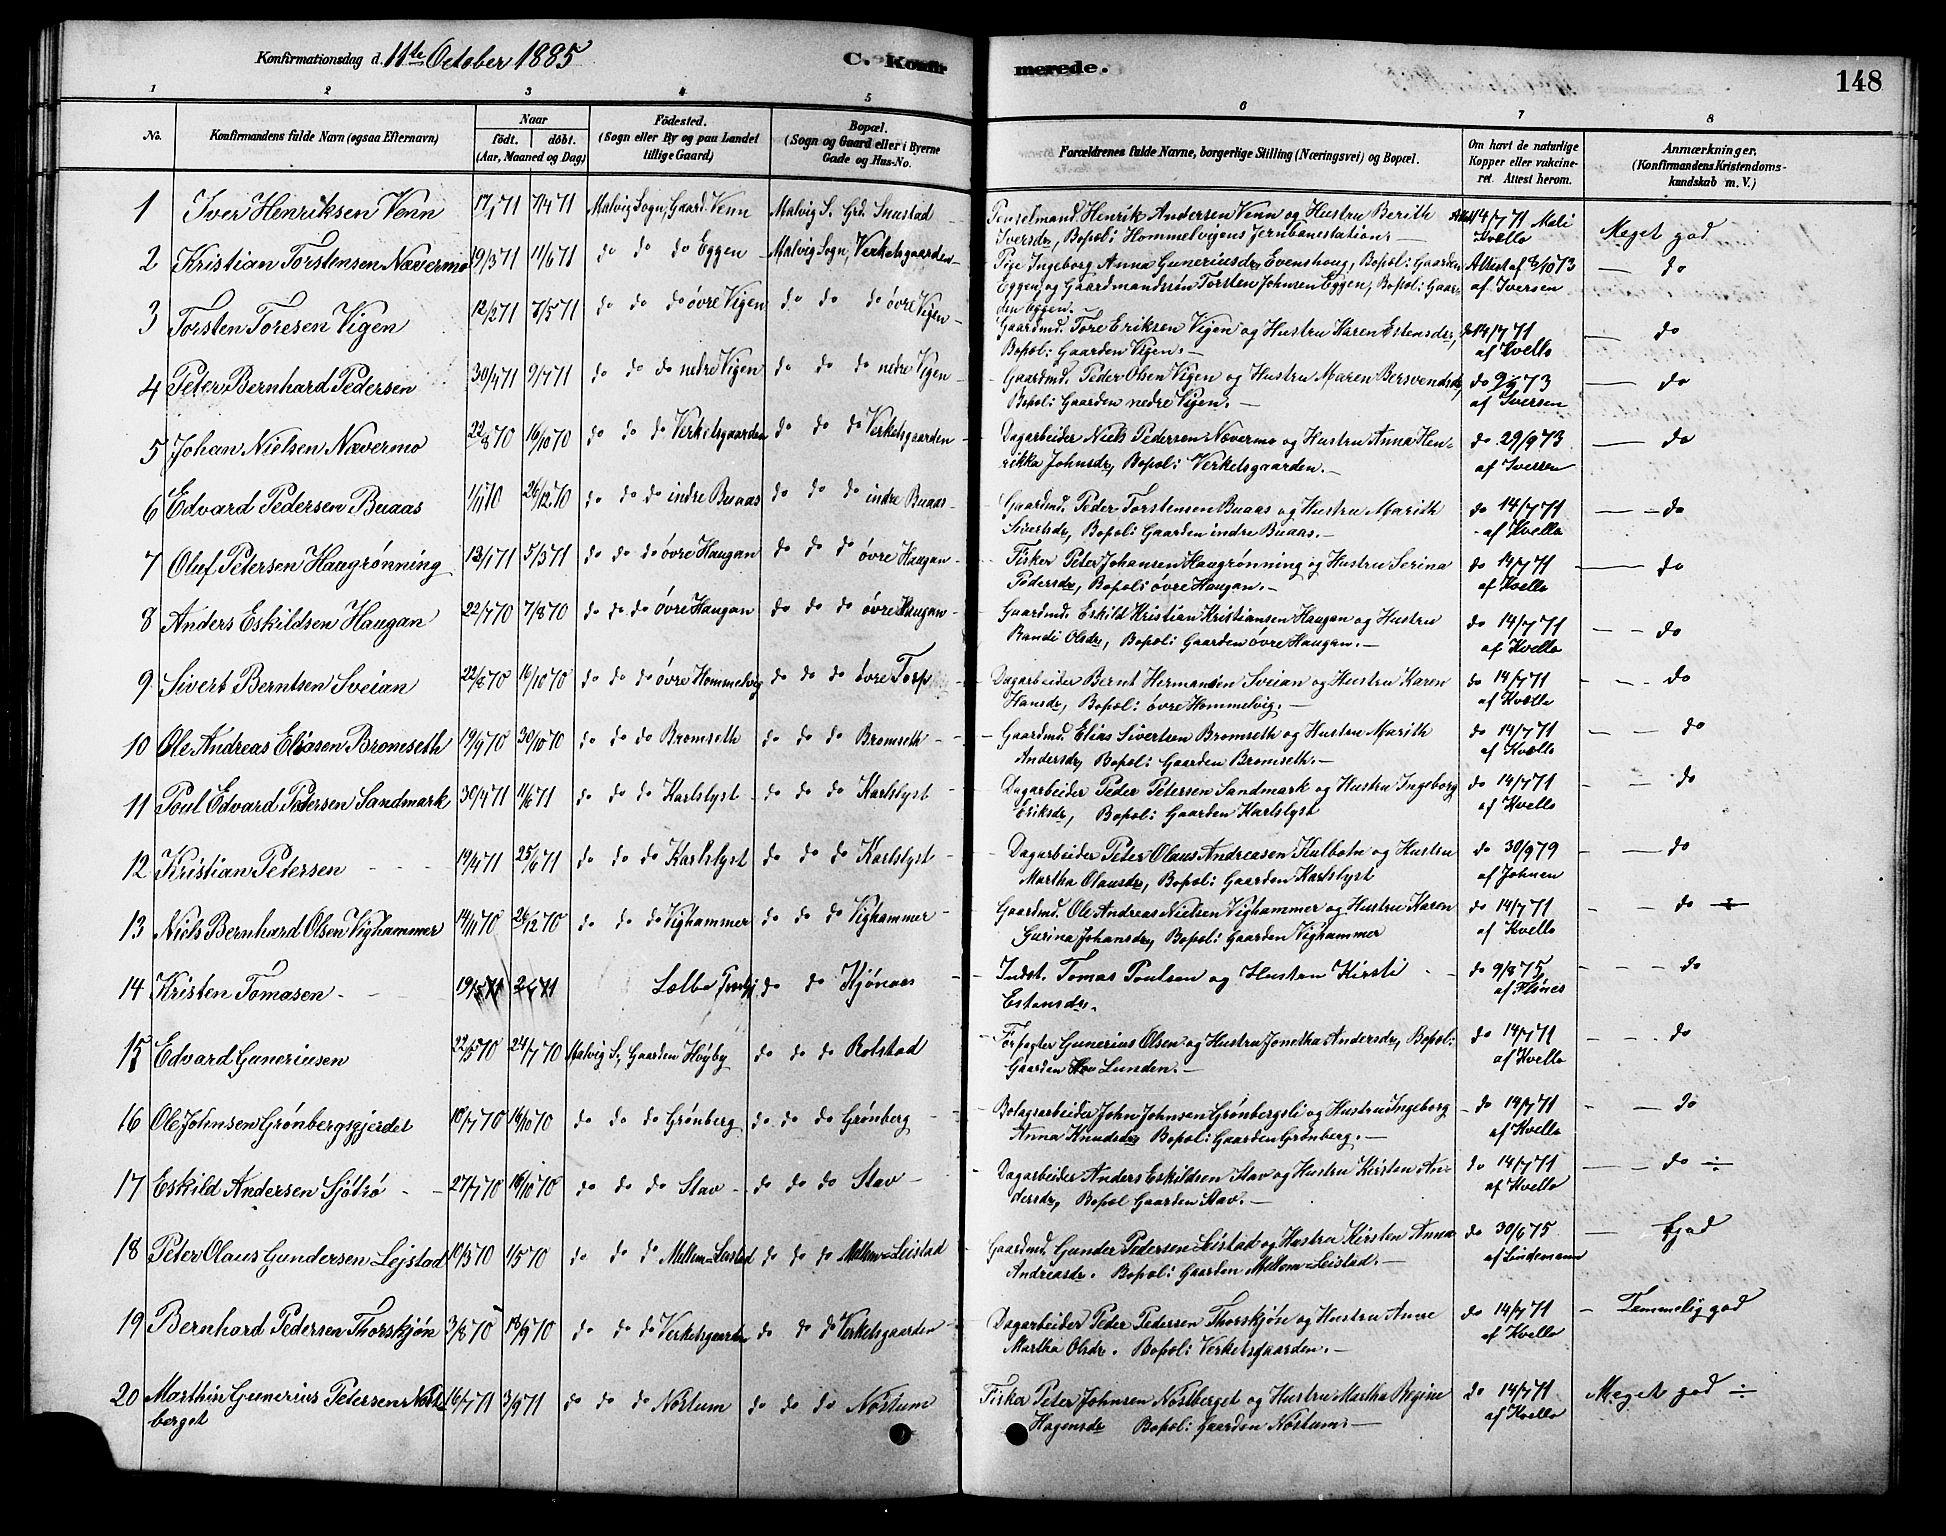 SAT, Ministerialprotokoller, klokkerbøker og fødselsregistre - Sør-Trøndelag, 616/L0423: Klokkerbok nr. 616C06, 1878-1903, s. 148